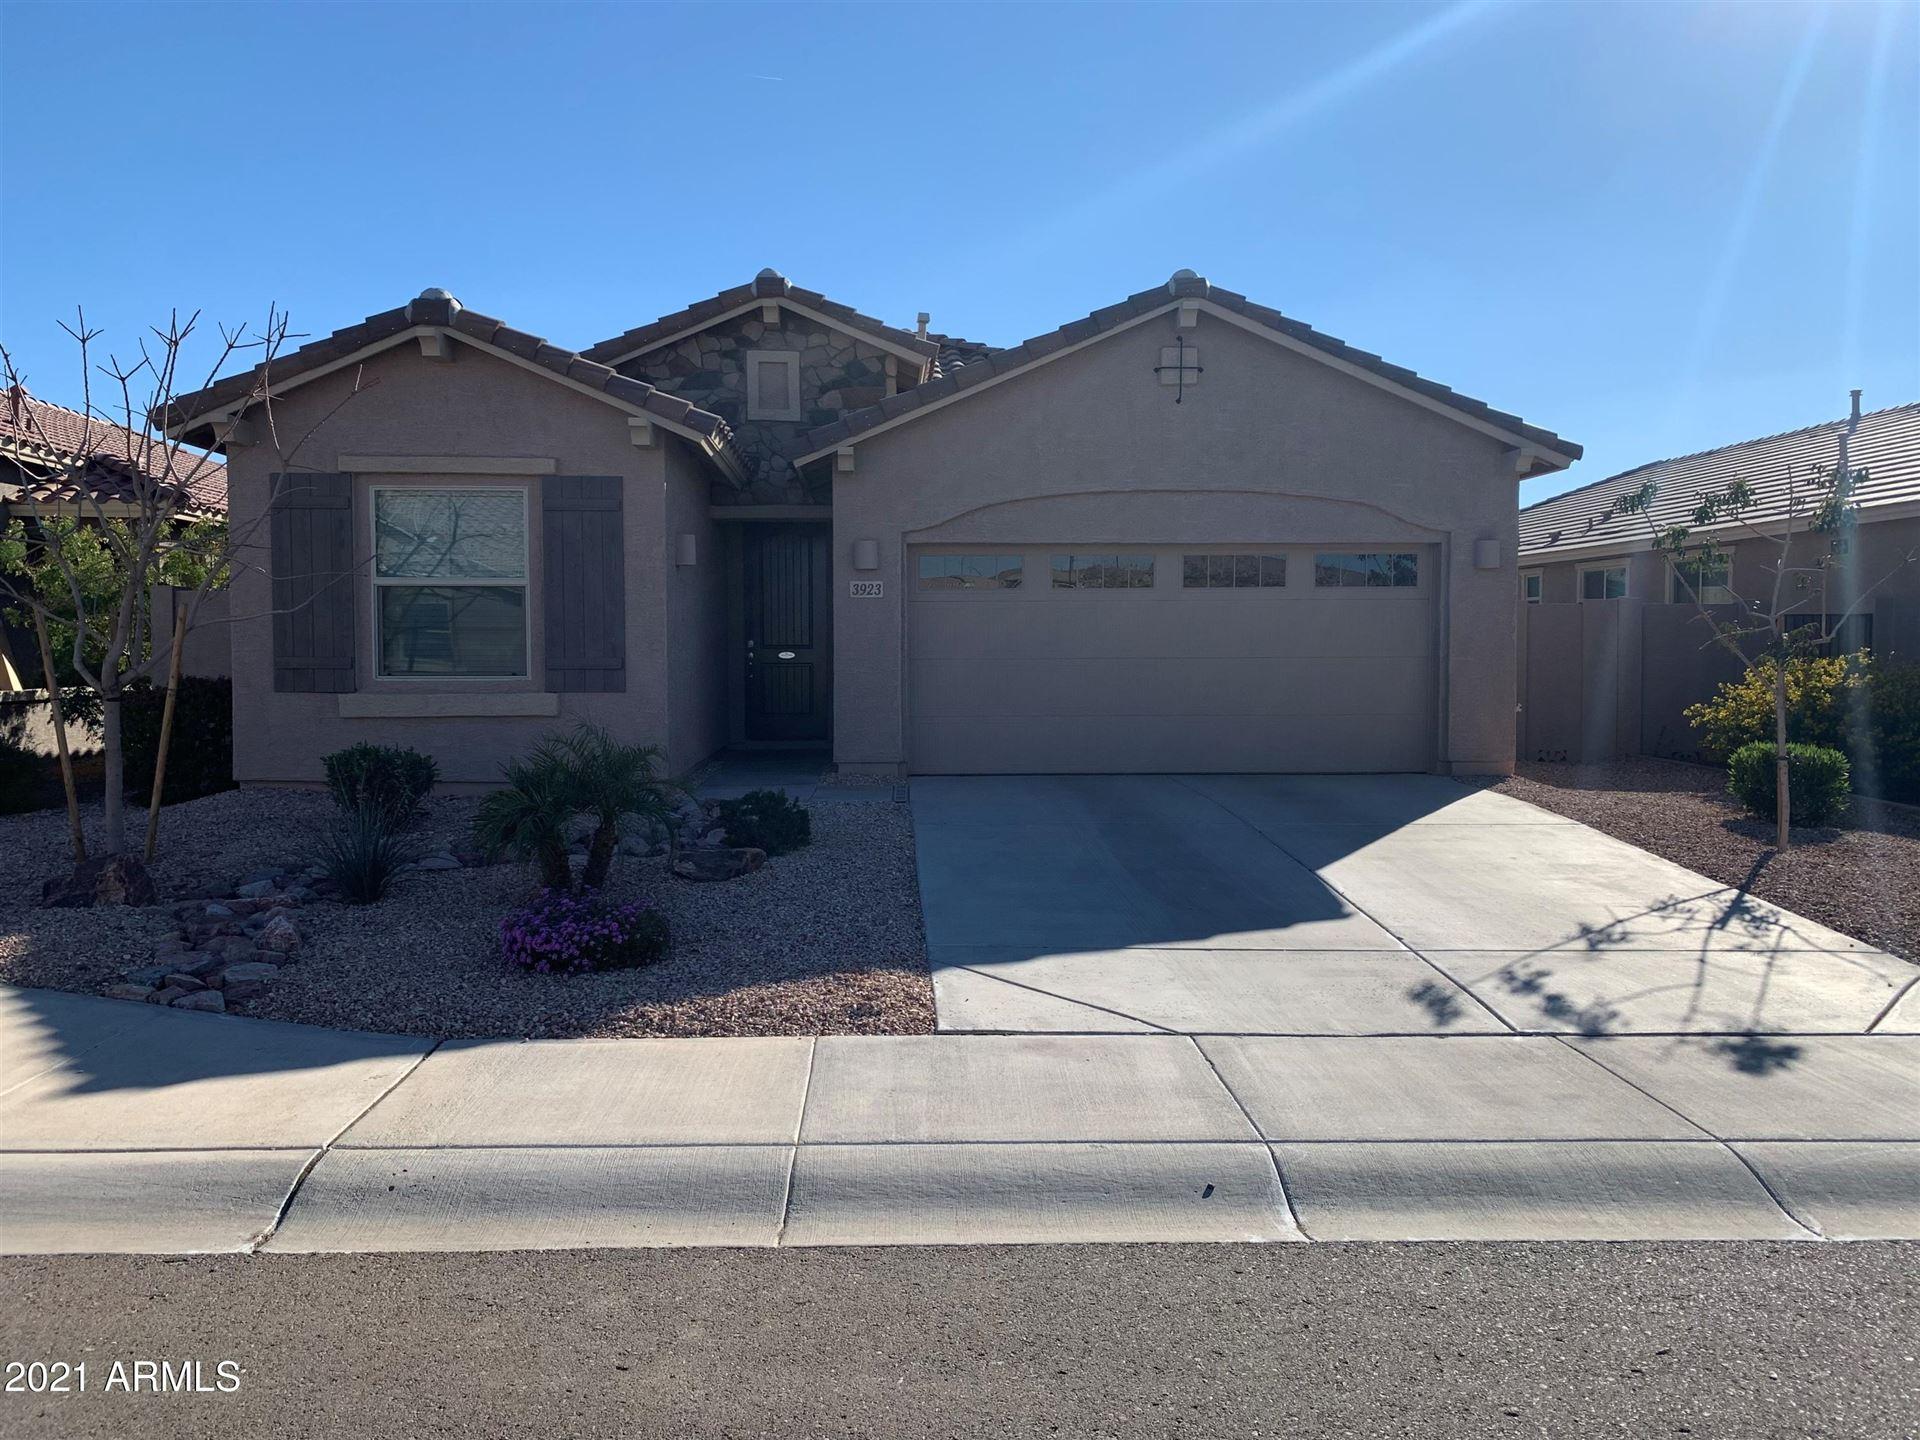 3923 E DESERT BROOM Drive, Chandler, AZ 85286 - MLS#: 6202797